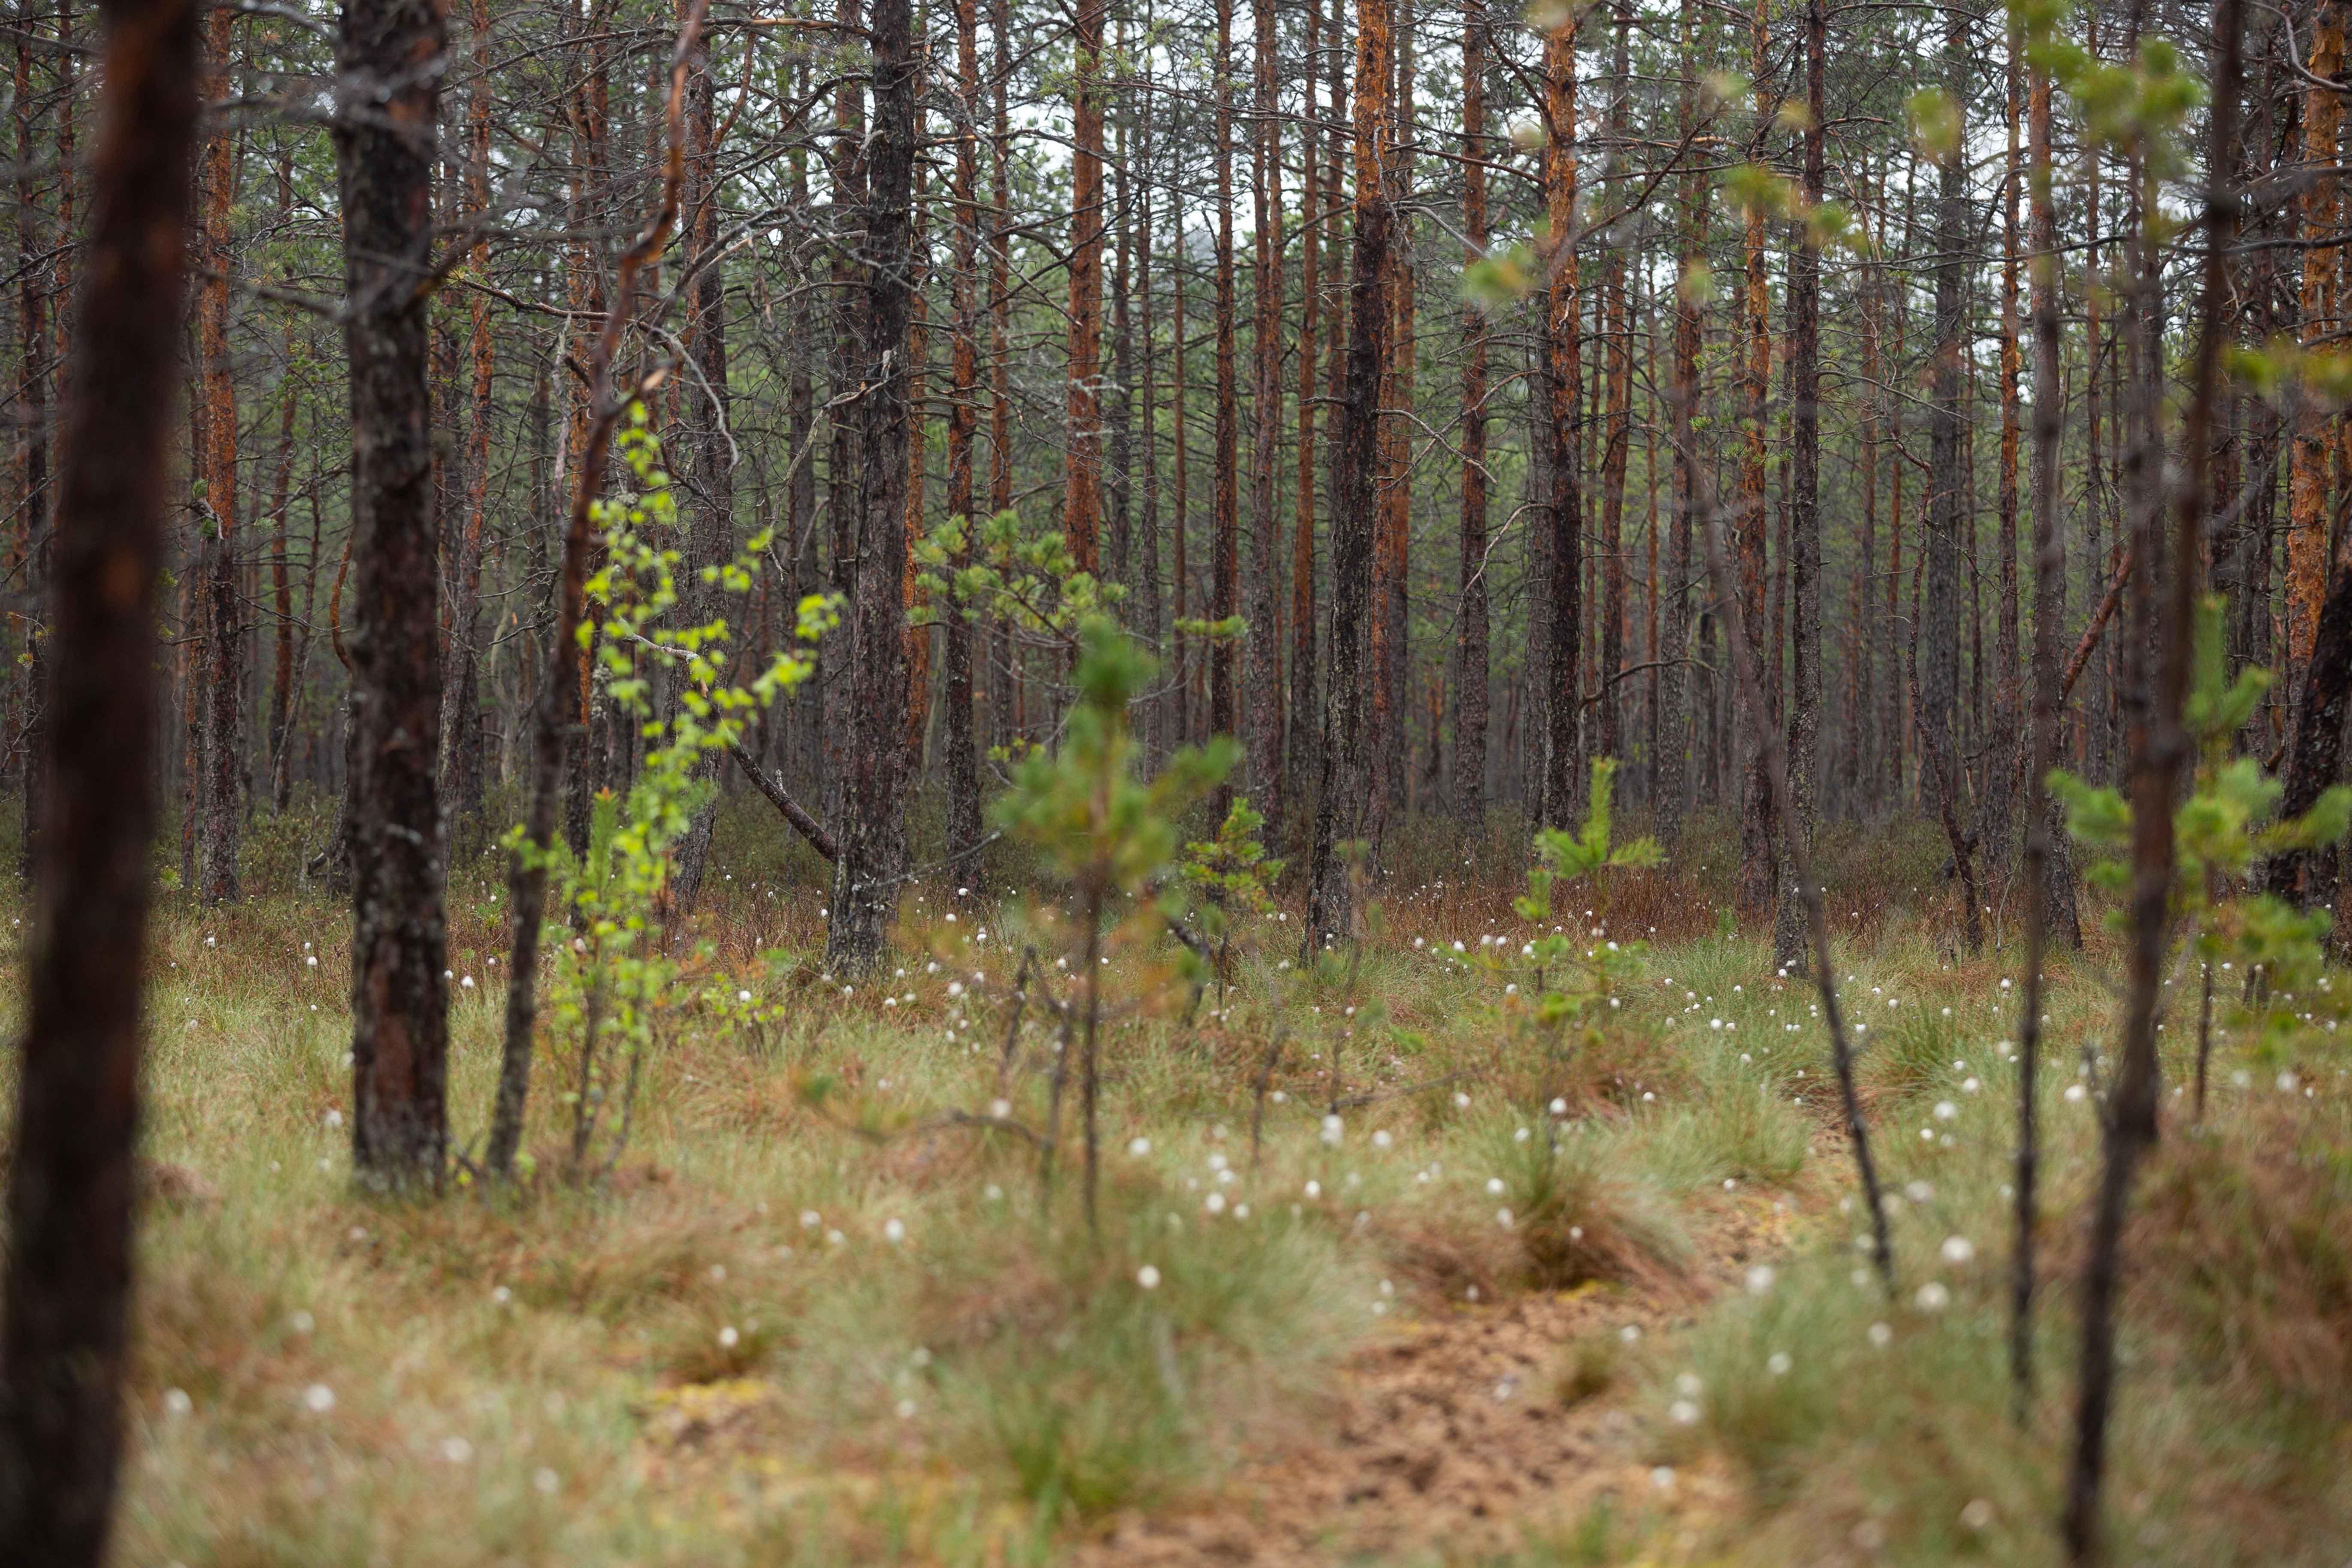 Tokia nedidukė Lietuva skirstoma į keturis regionus. O linksmieji dzūkai vieni kitus dar skirsto į šilo dzūkus (kuriuos maitino miškas), panemunės dzūkus (kuriuos maitino Nemunas, Merkys ir sielininkų veikla) ir įprastus – tuos, kurie užsiėmė žemdirbyste. Dzūkijos nacionalinis parkas vadinamas upių ir upelių regionu – čia stebina ne tik įspūdinga gamta, tačiau ir šimtmečius čia gyvenusių nenuoramų žmonių istorijos. <strong> </strong>